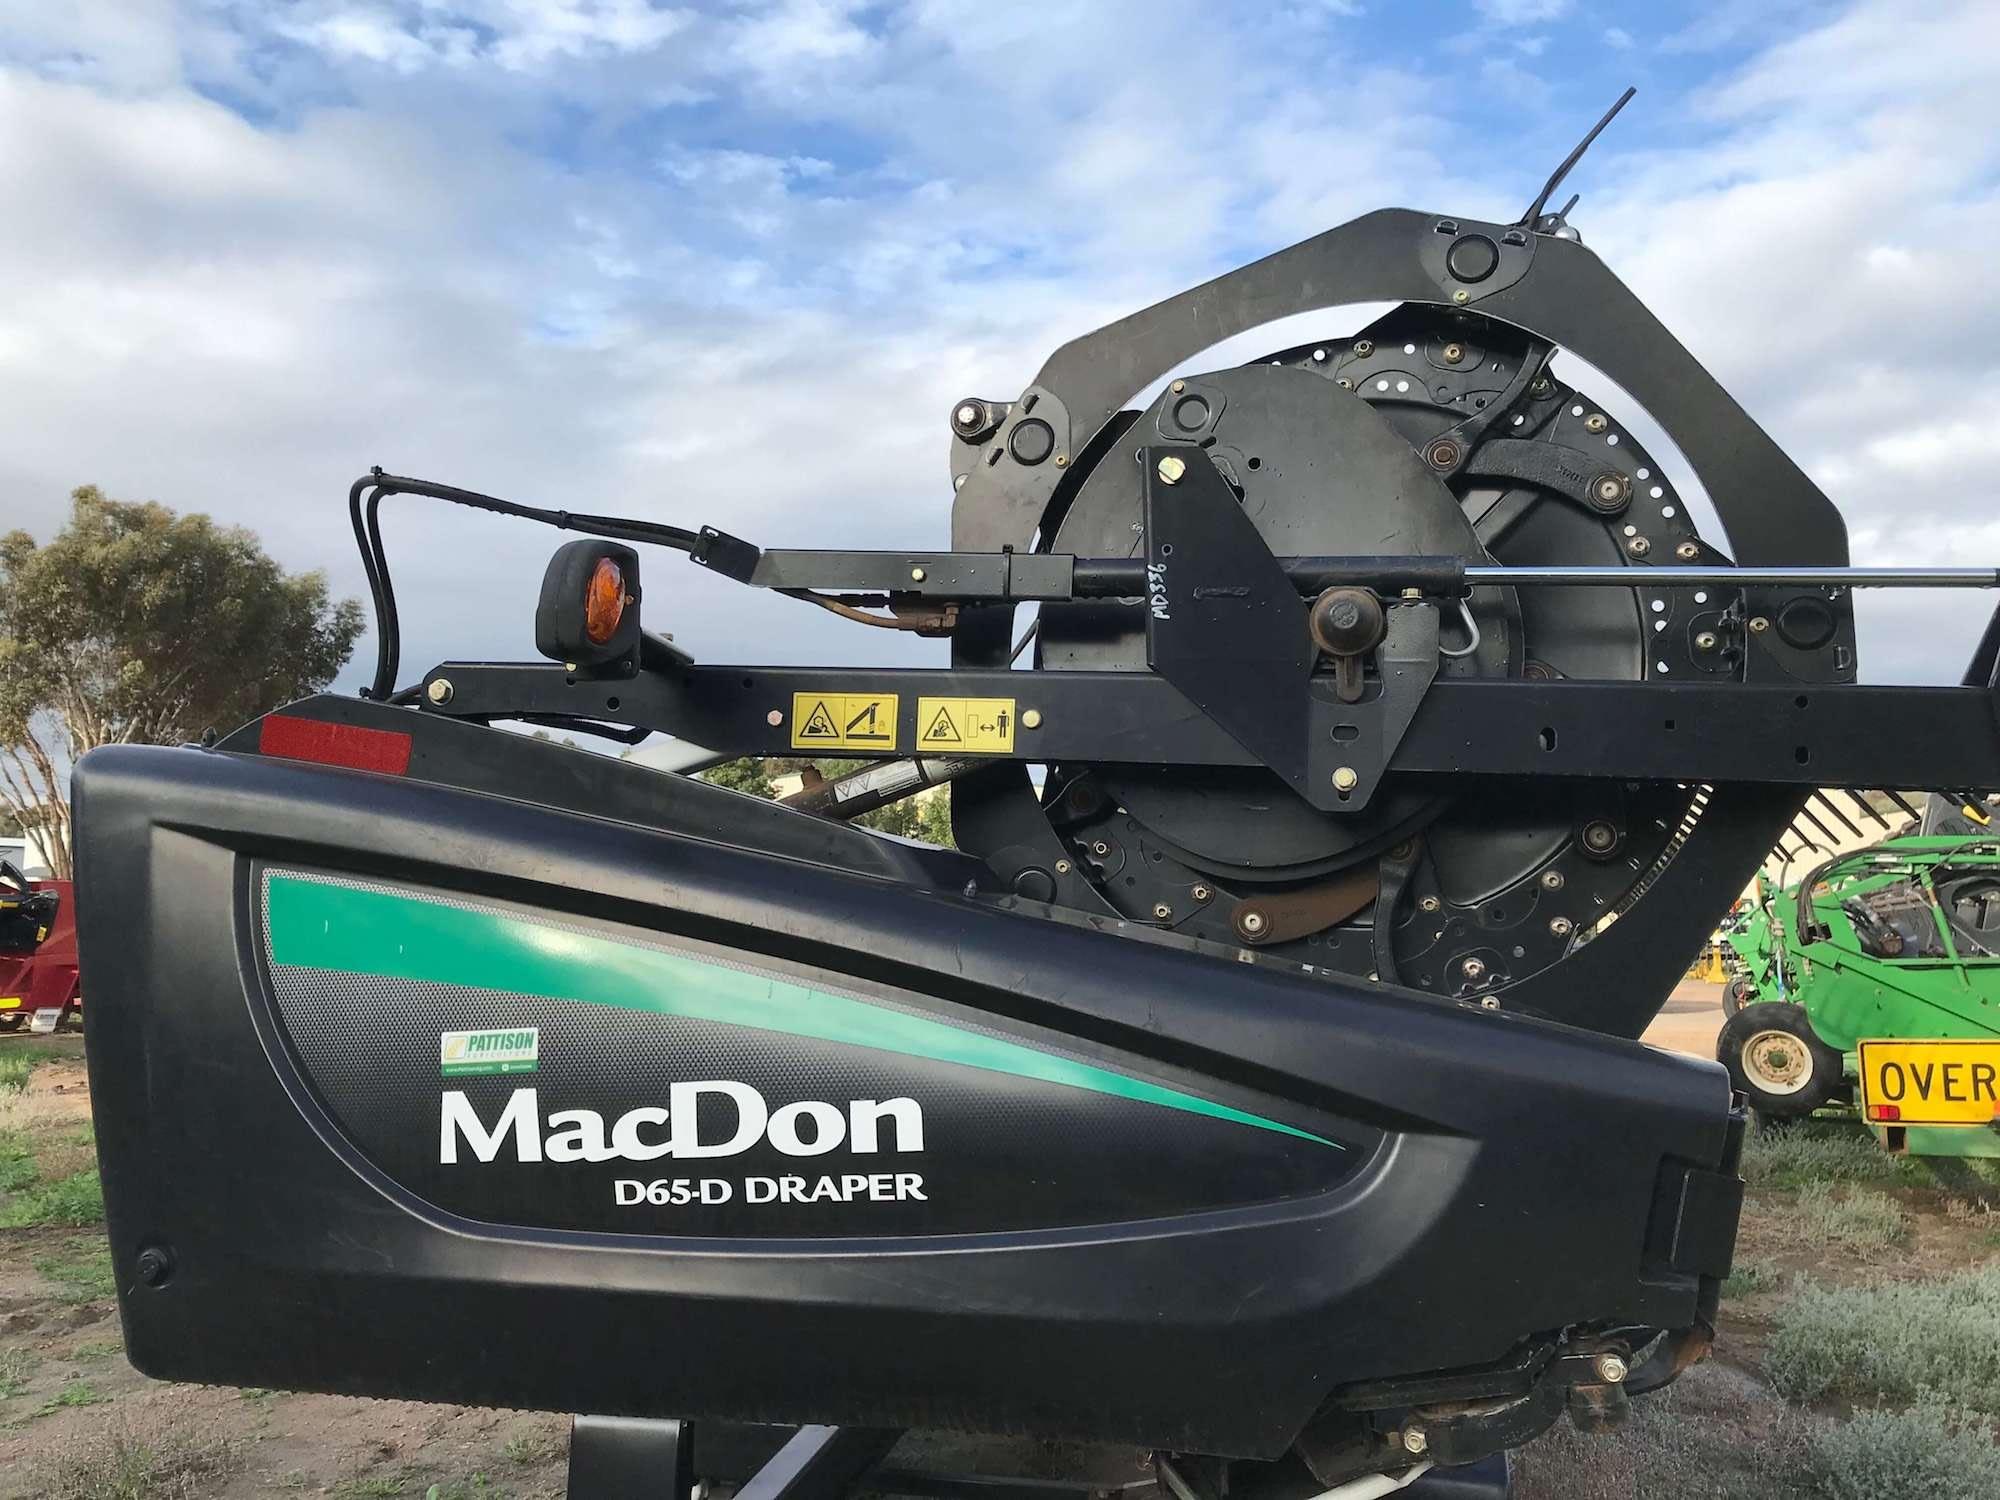 Macdon-45 foot-draper